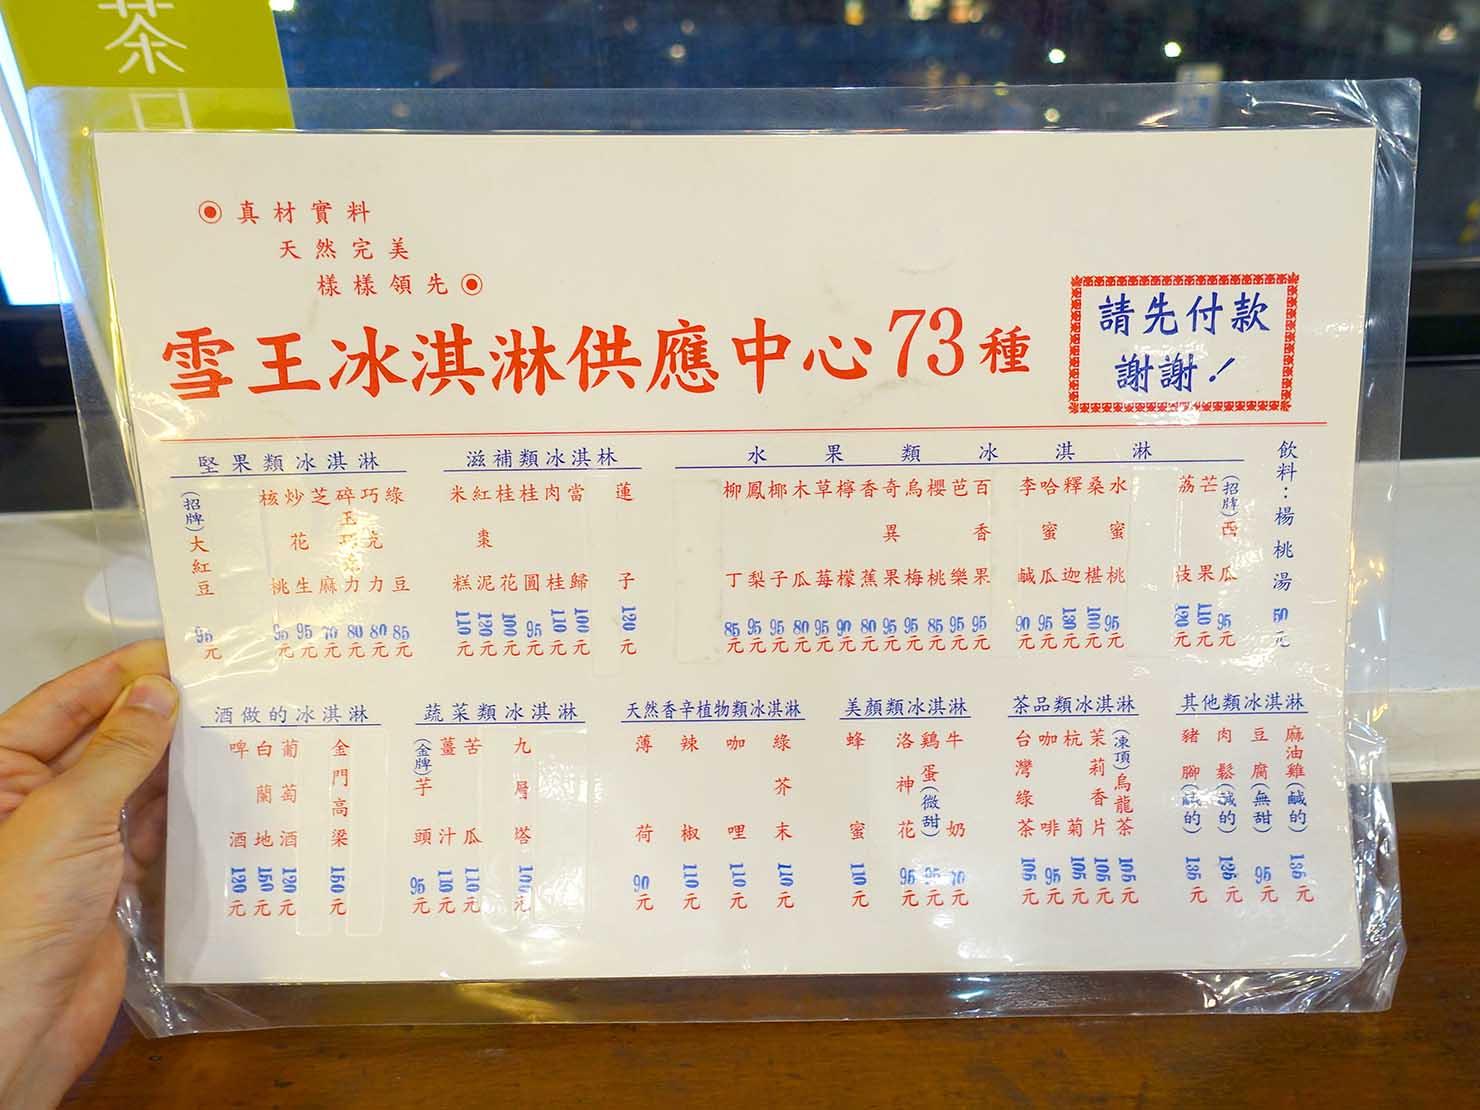 台北・西門町のおすすめひんやりスイーツ店「雪王冰淇淋」のメニュー